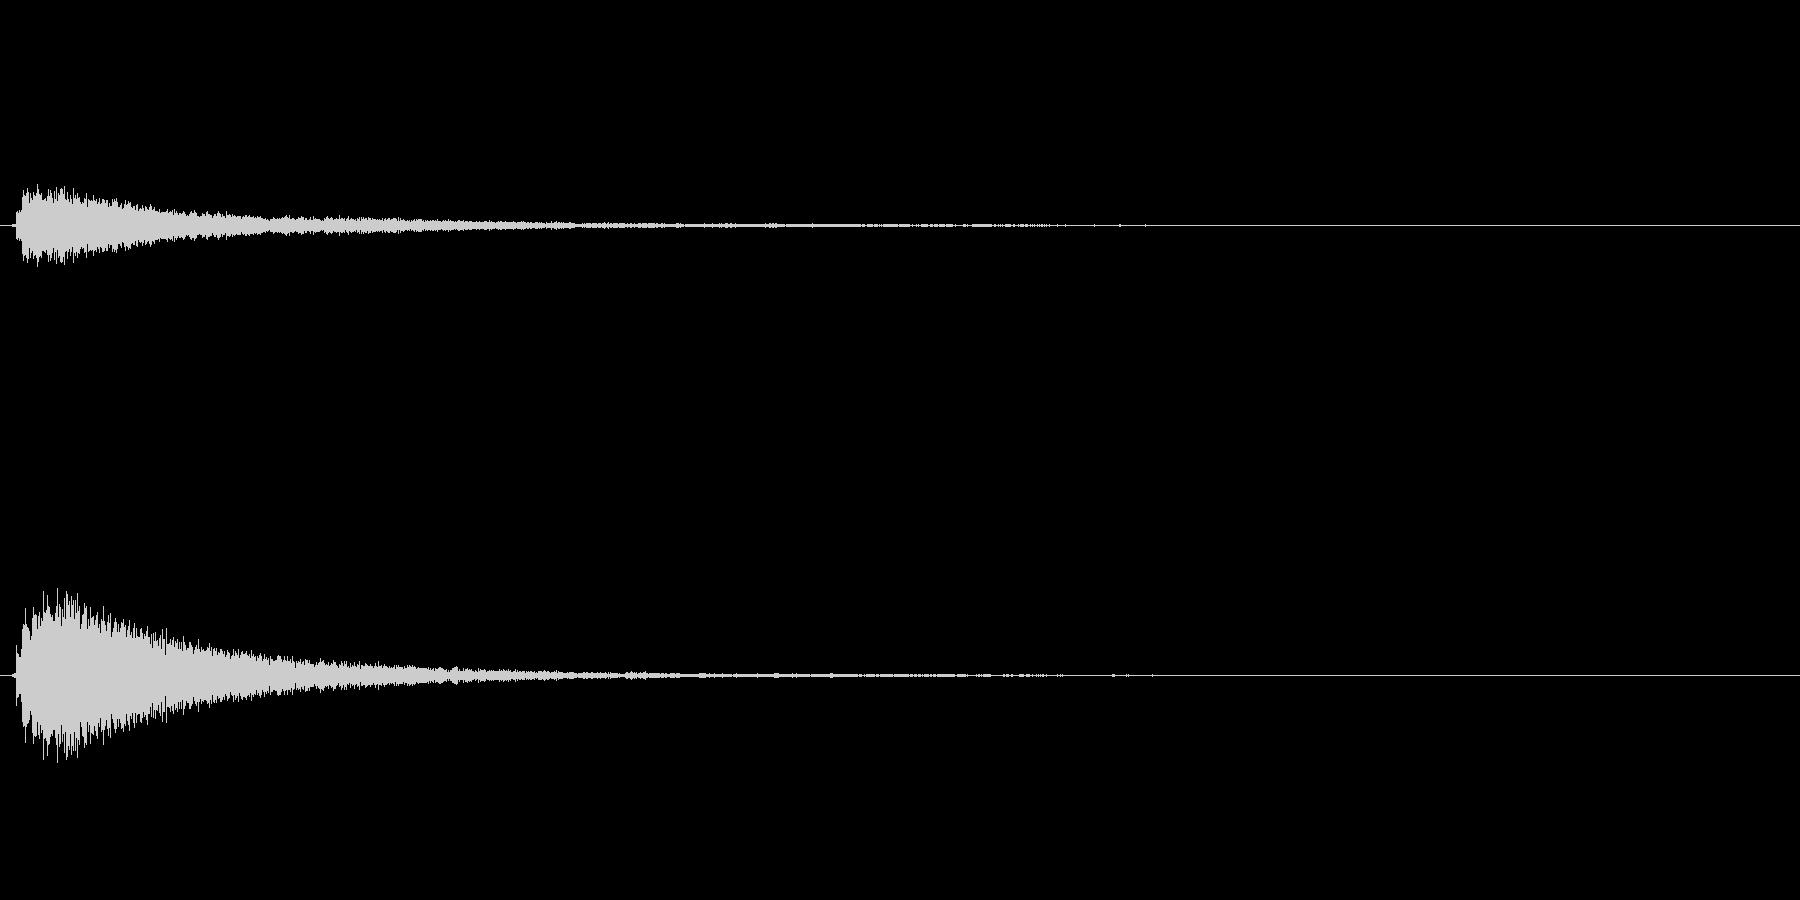 キラキラ系_033の未再生の波形